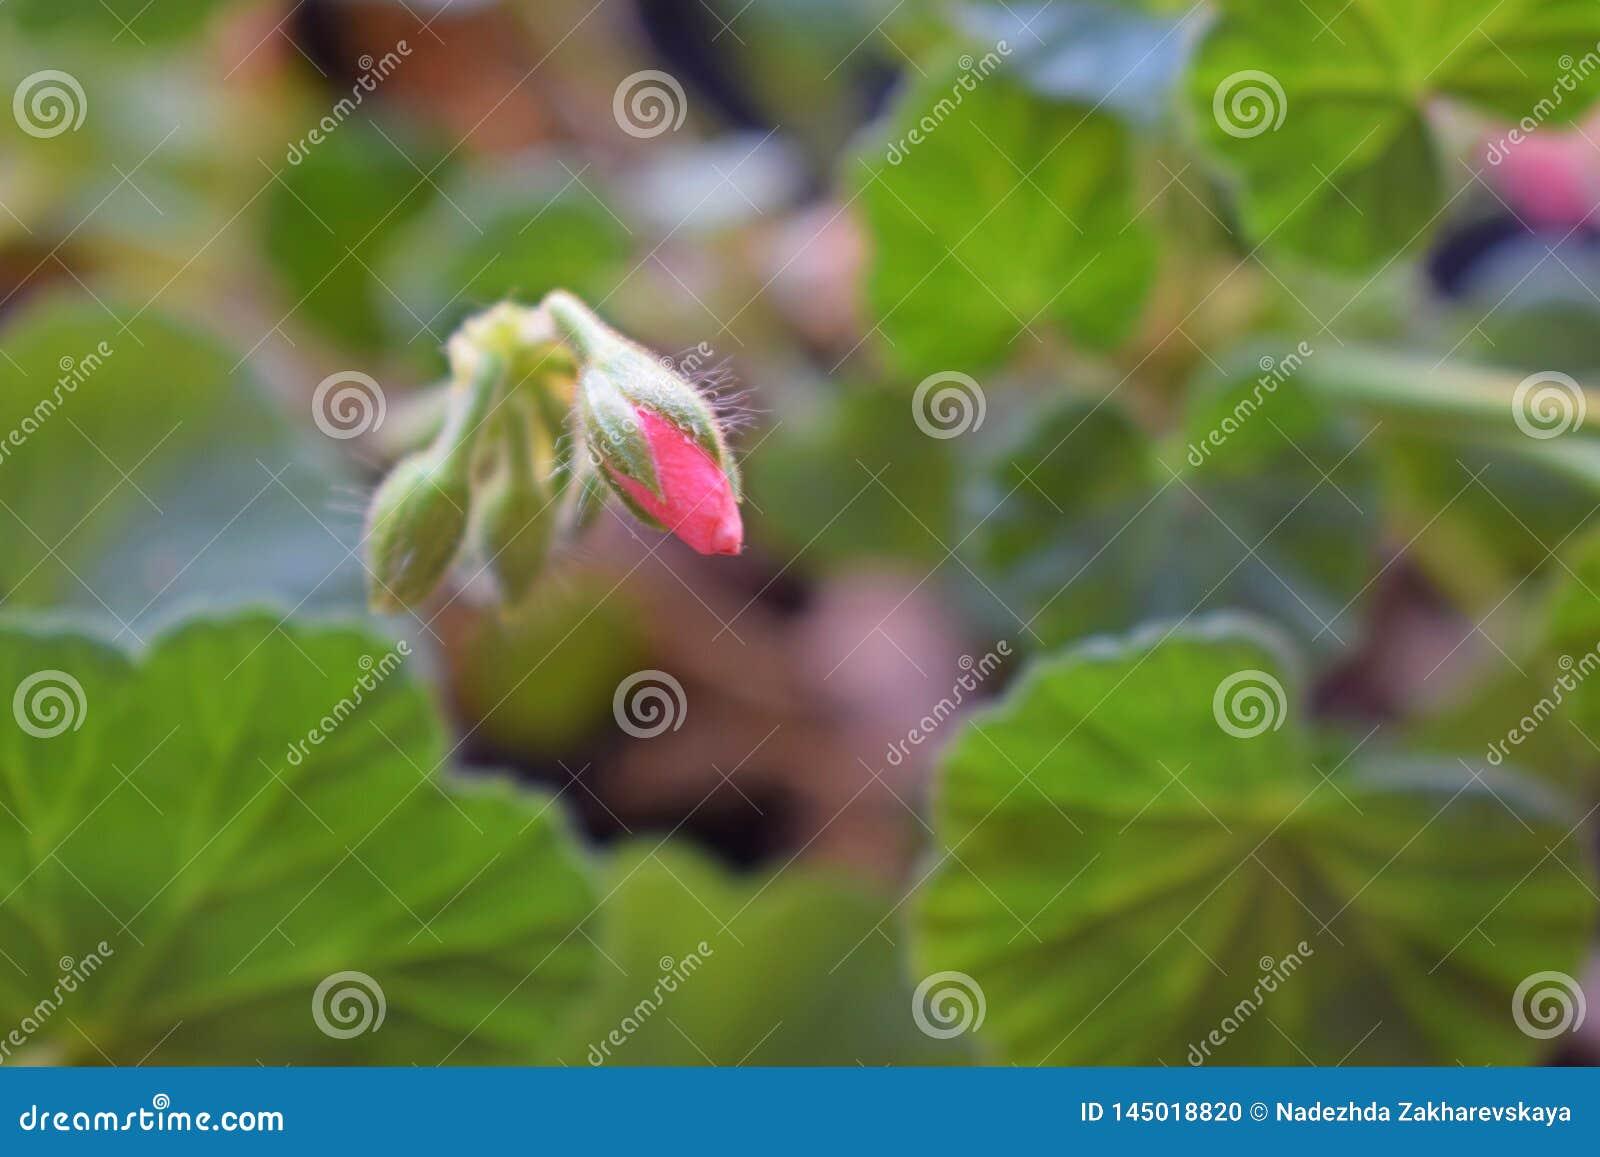 The flower blossoms of rose geranium.